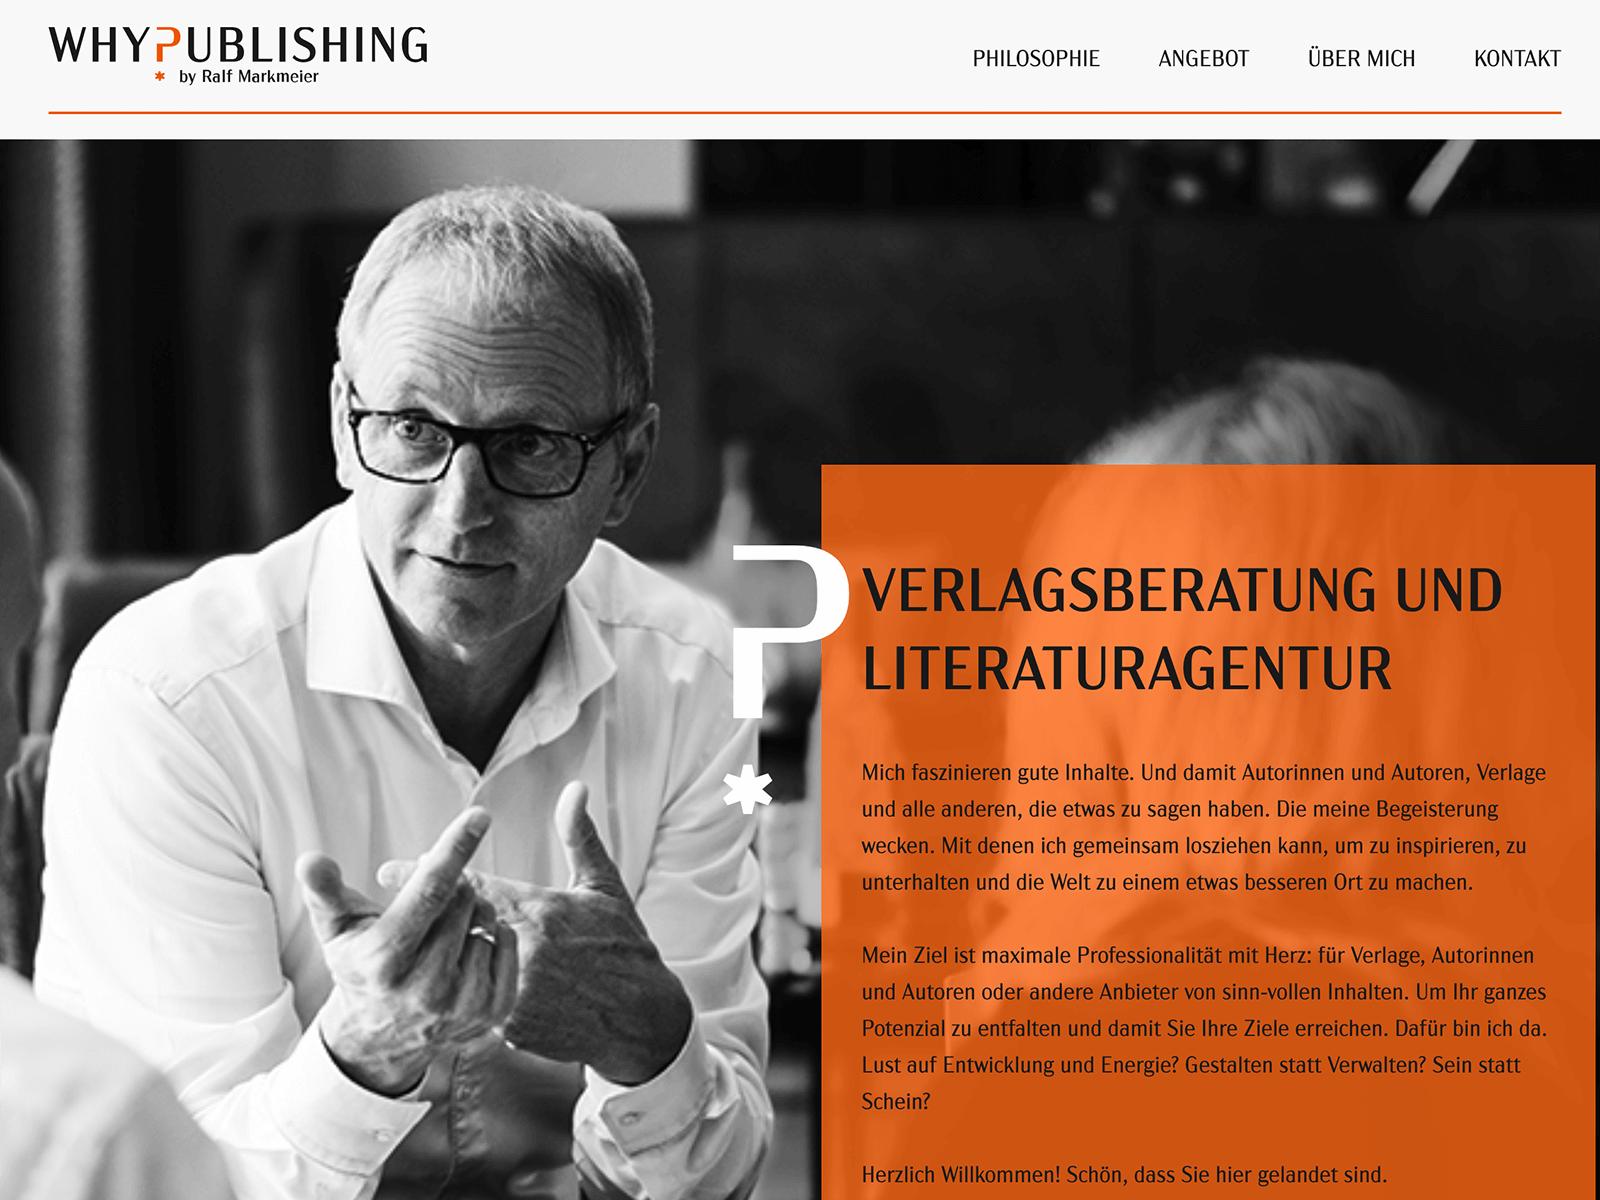 Wordpress Technical Support und Wartung für Why-Publishing